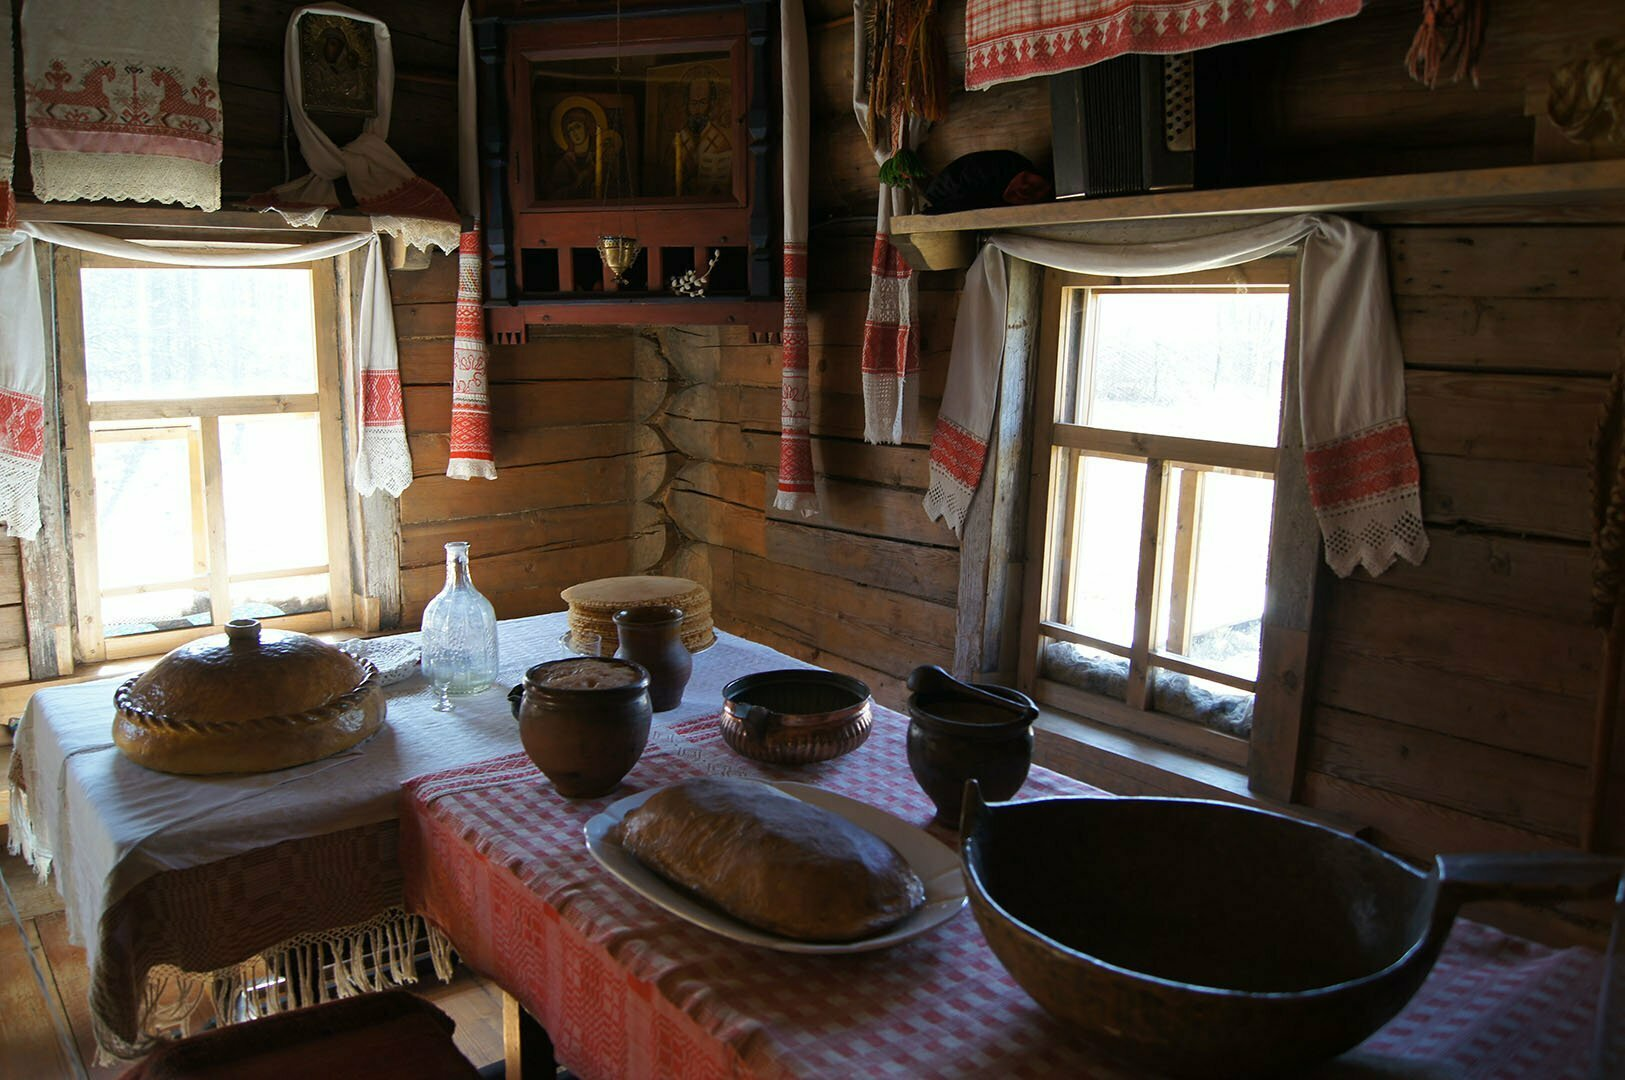 Стол убранный для свадебного в избе Утенковой, Музей деревянного зодчества в Великом Новгороде